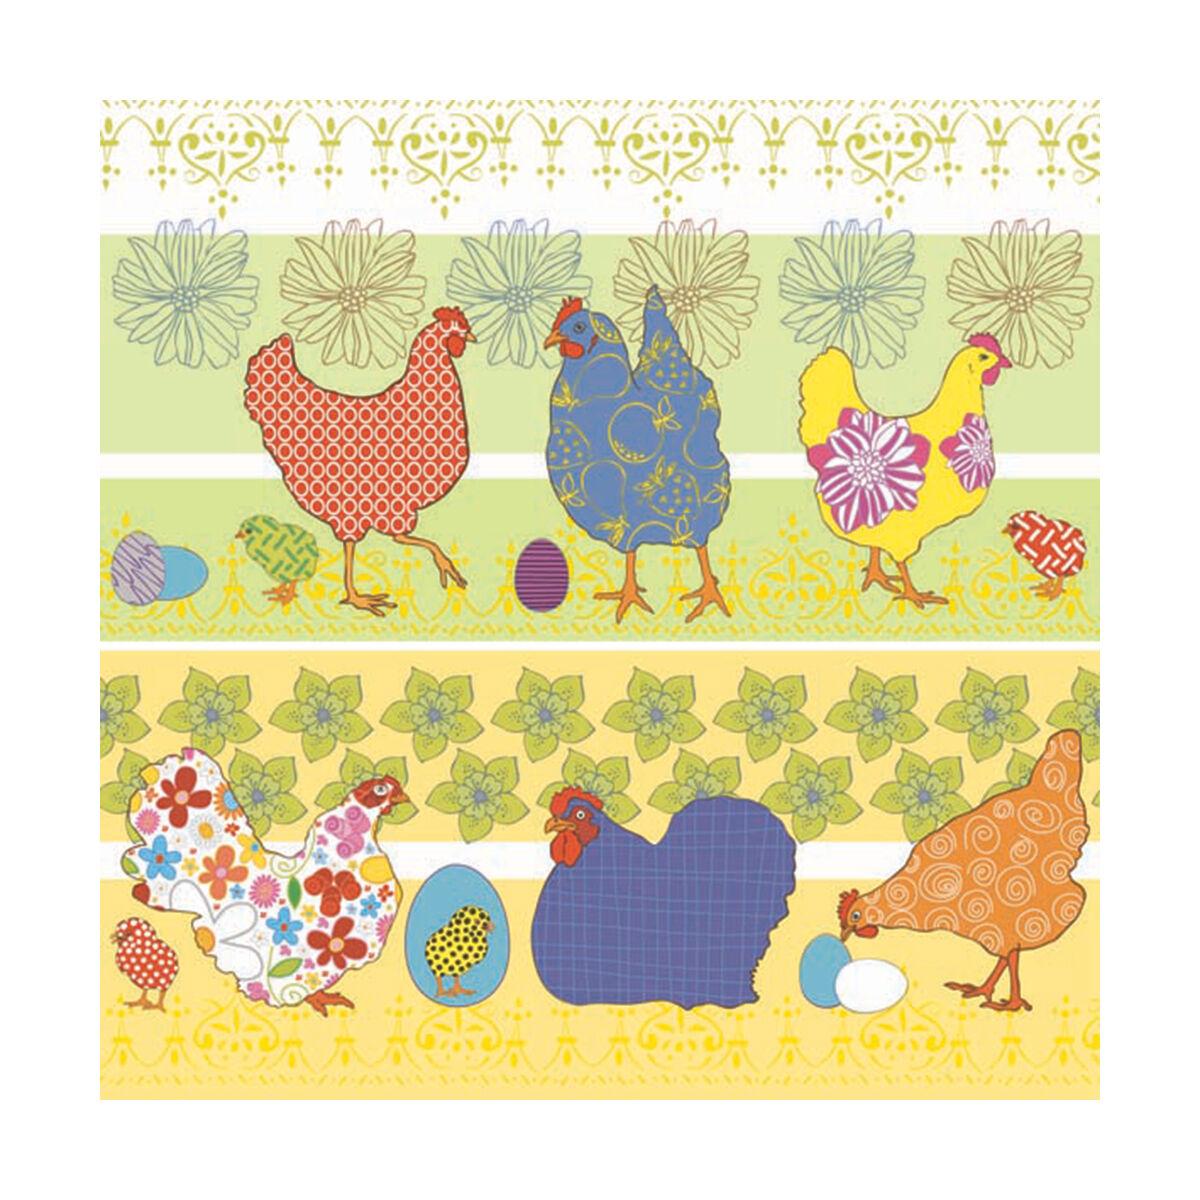 20 serviettes - Chickens yellow - 33x33cm